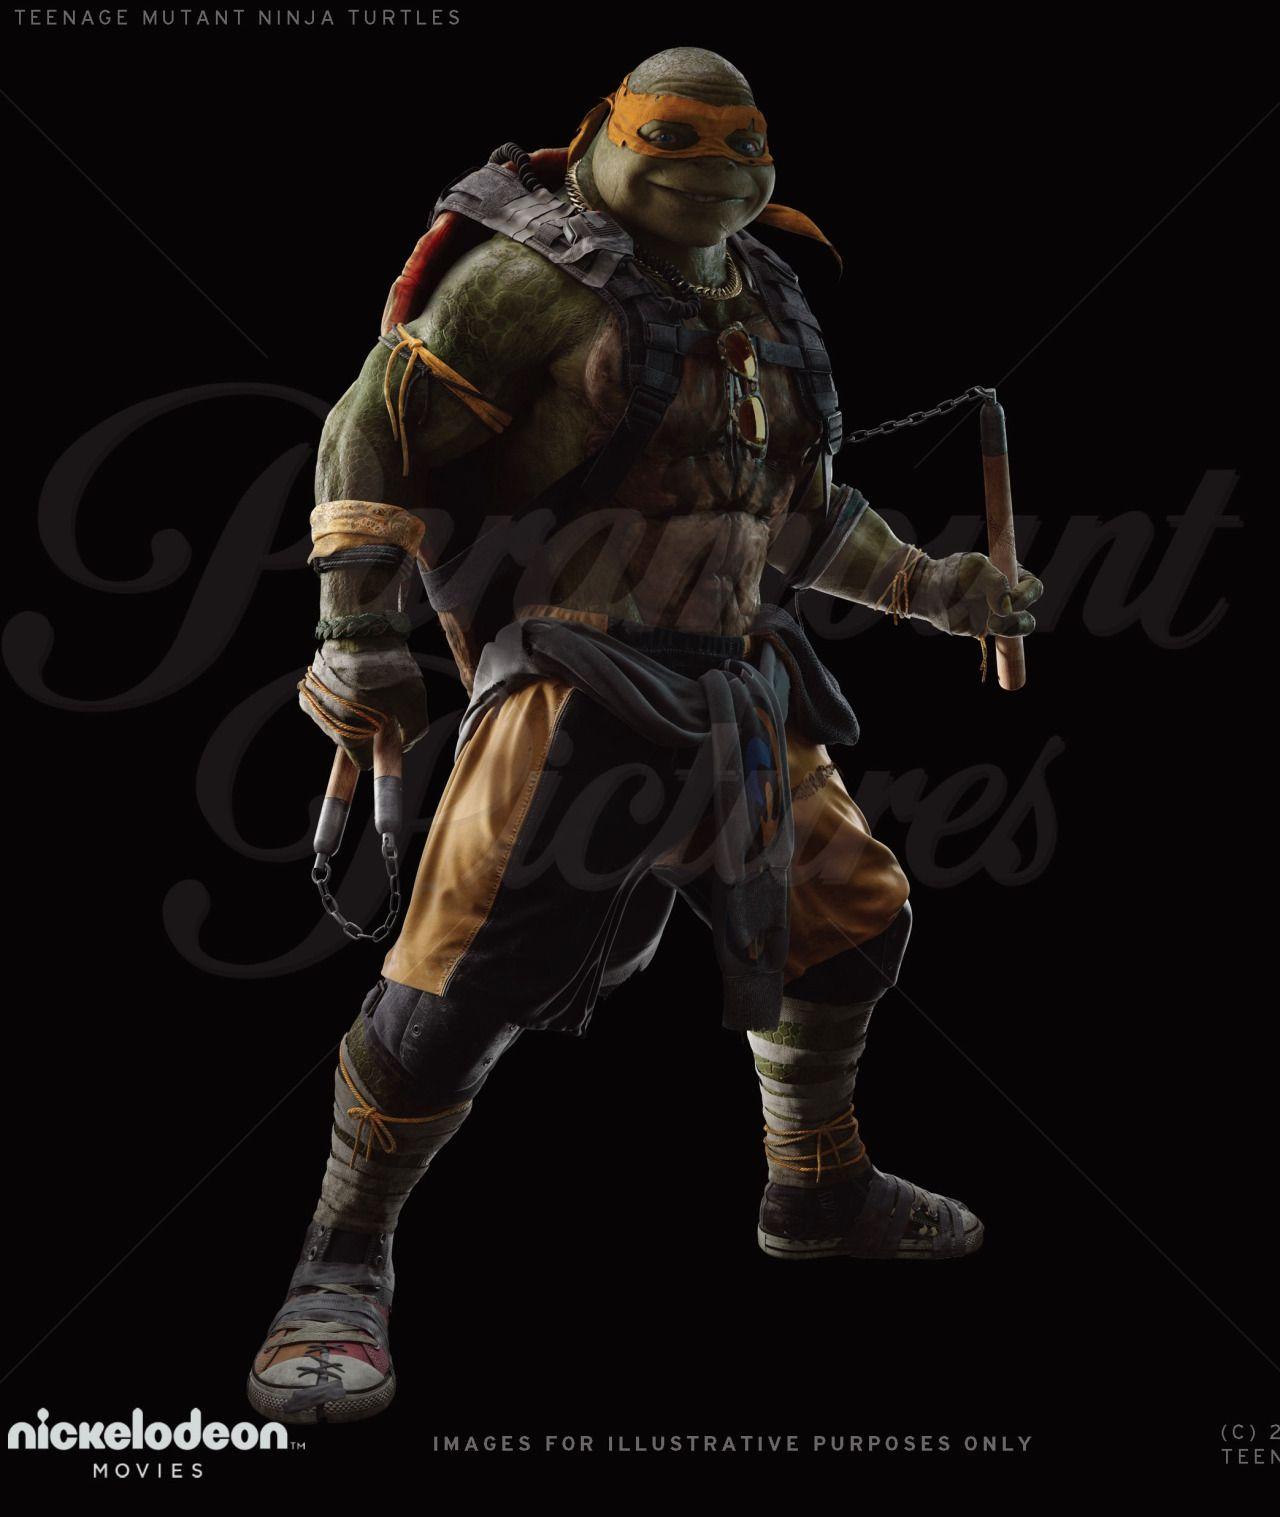 Tmnt 2016 Mikey Teenage Mutant Ninja Turtles Tmnt Mikey Ninja Turtles